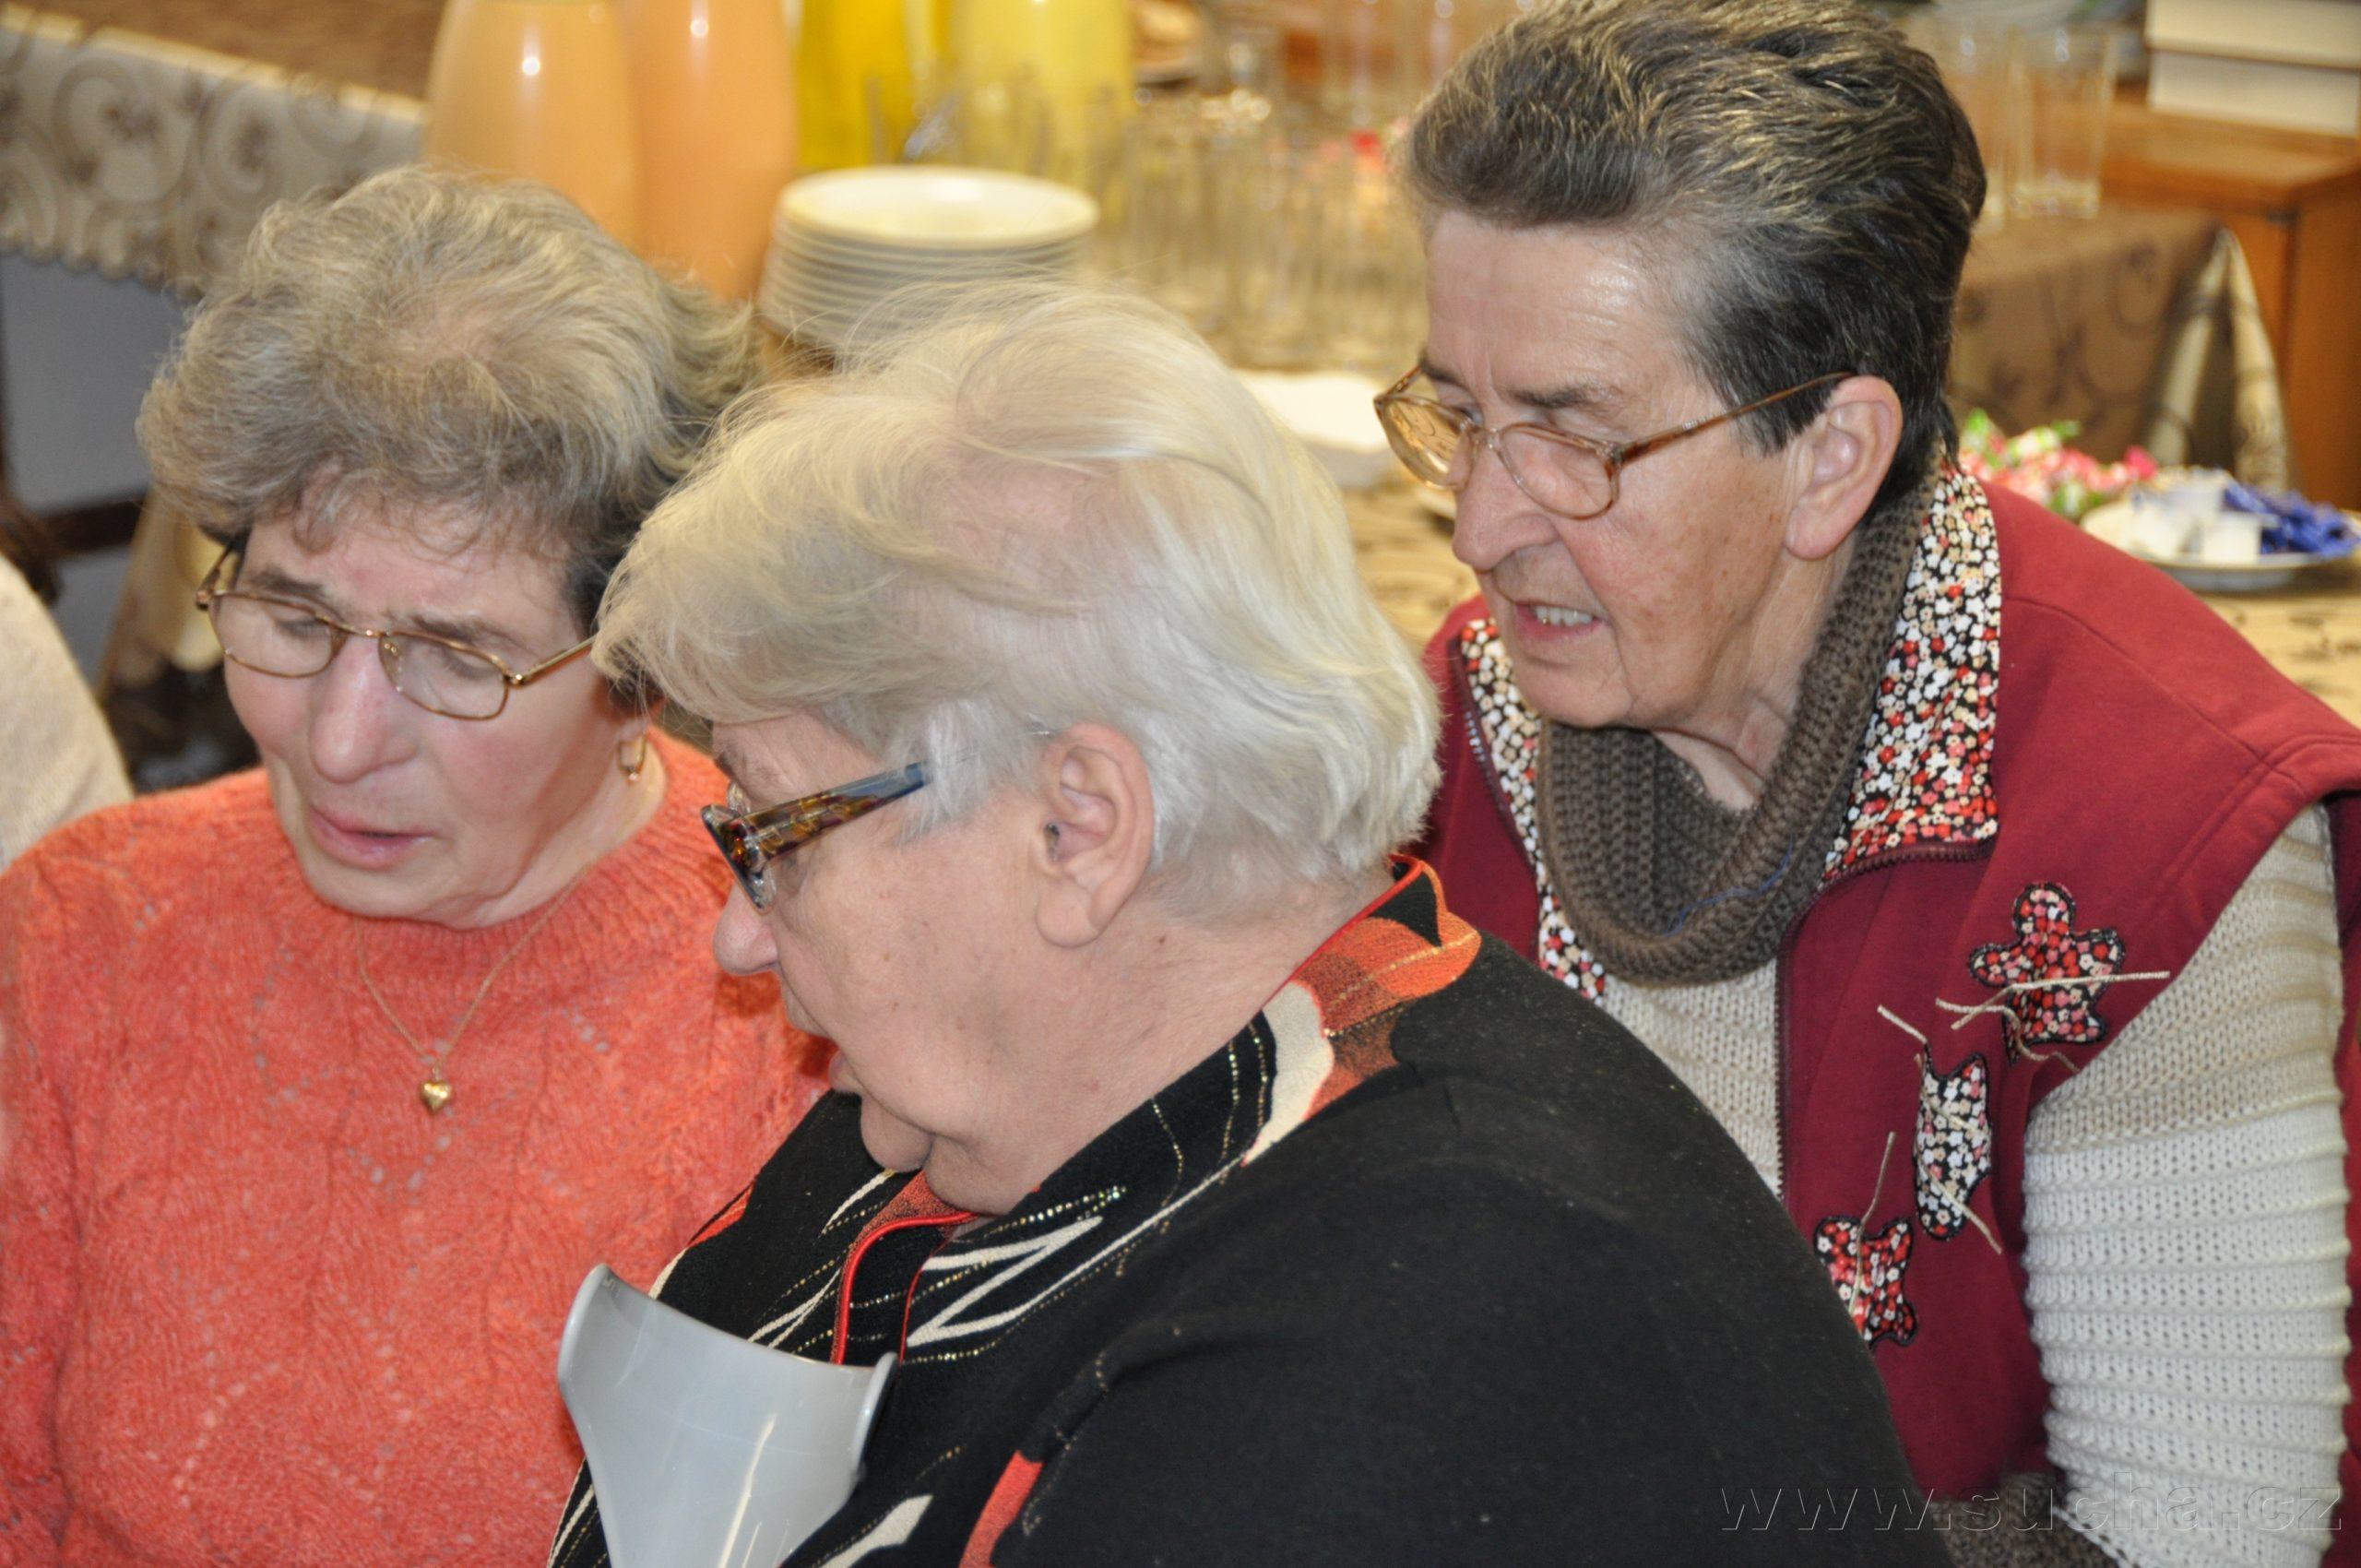 Setkání žen – spotkania kobiet 2020-2021